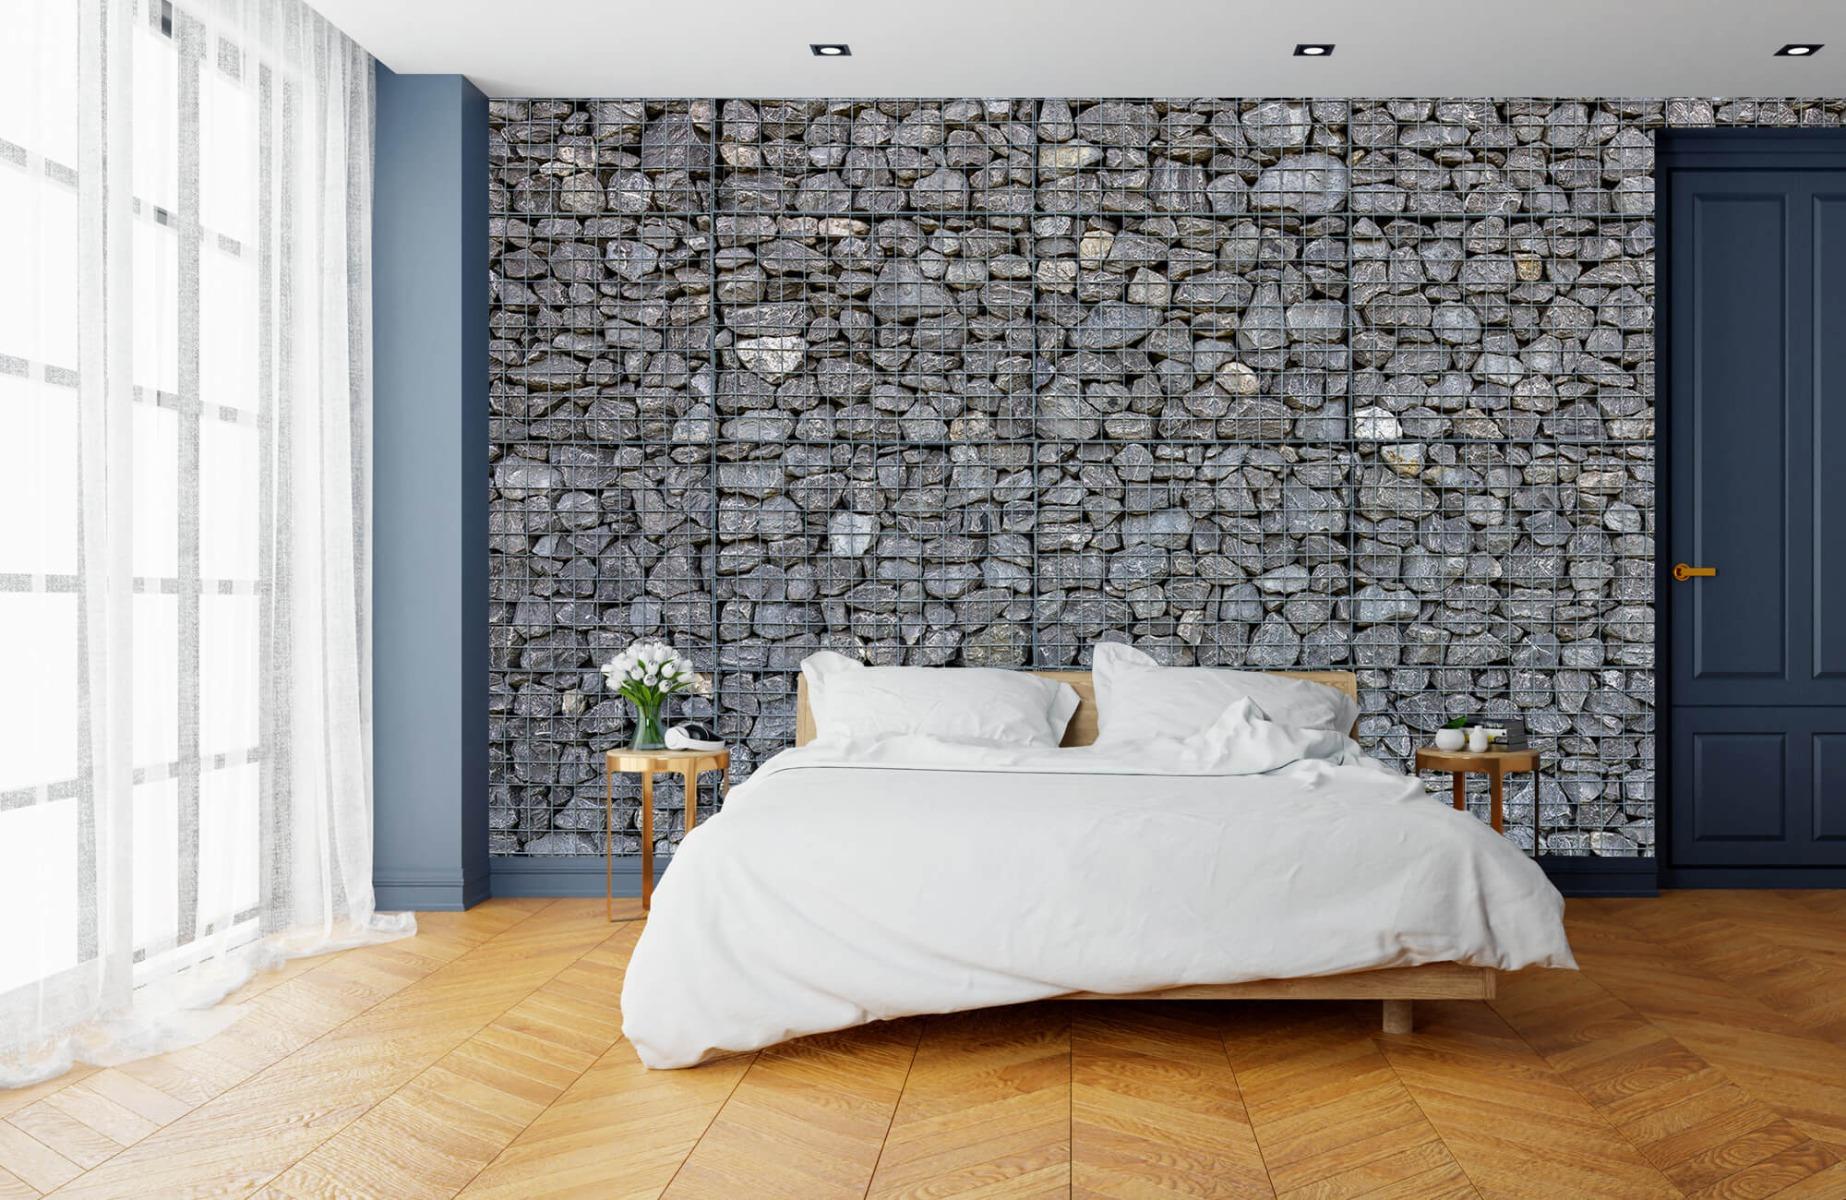 Steen behang - Steenkorf - Wallexclusive - Slaapkamer 15